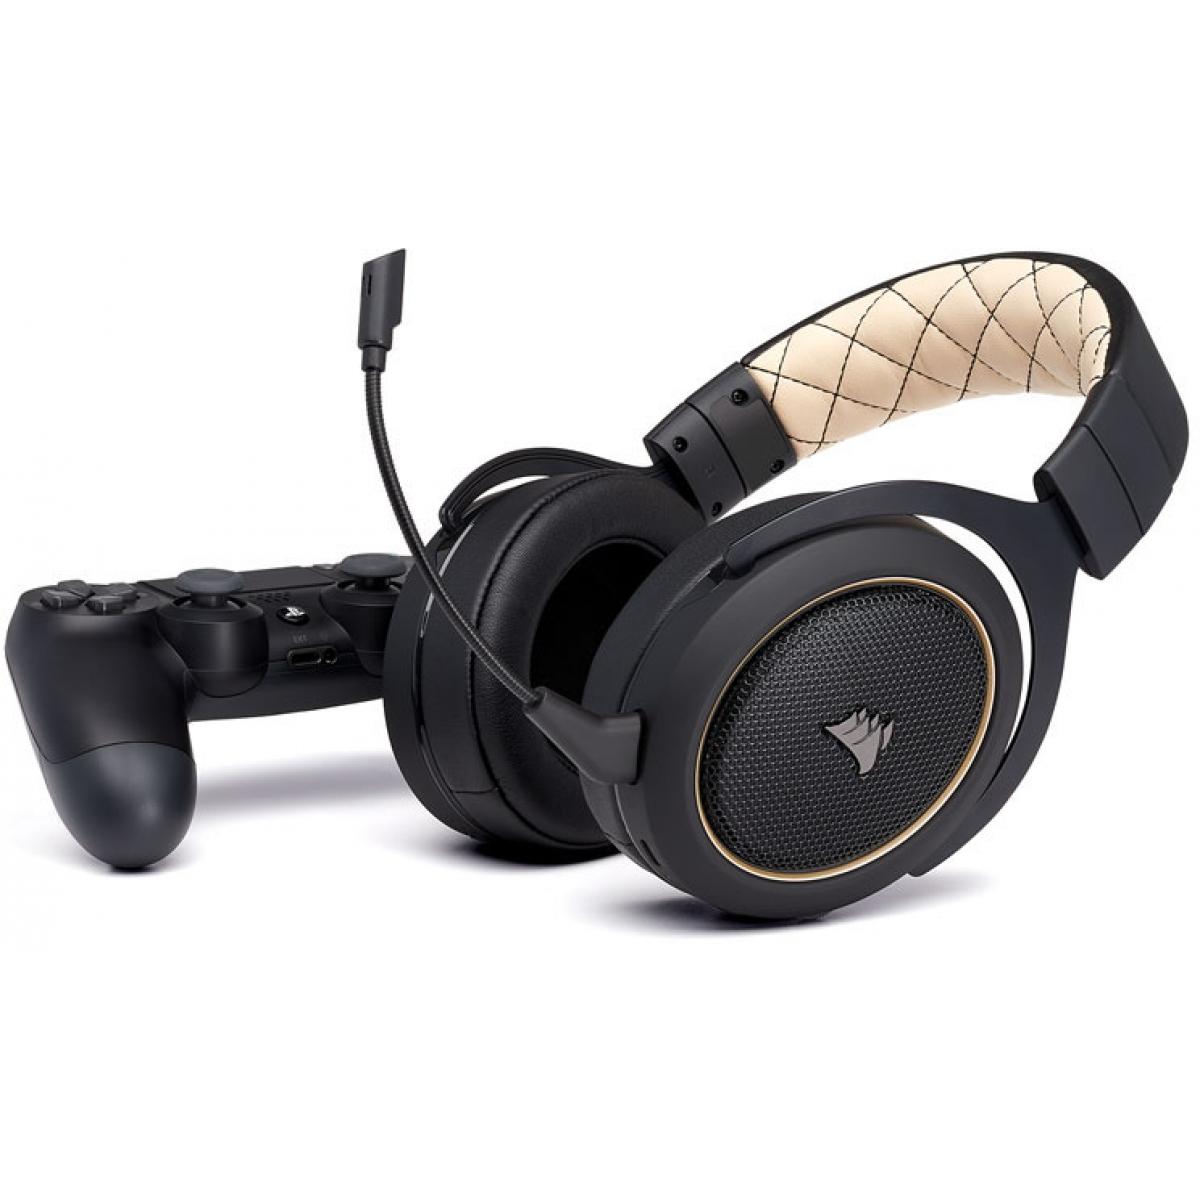 Headset Gamer Corsair HS70 Wireless 7.1 USB CA-9011178-NA Preto